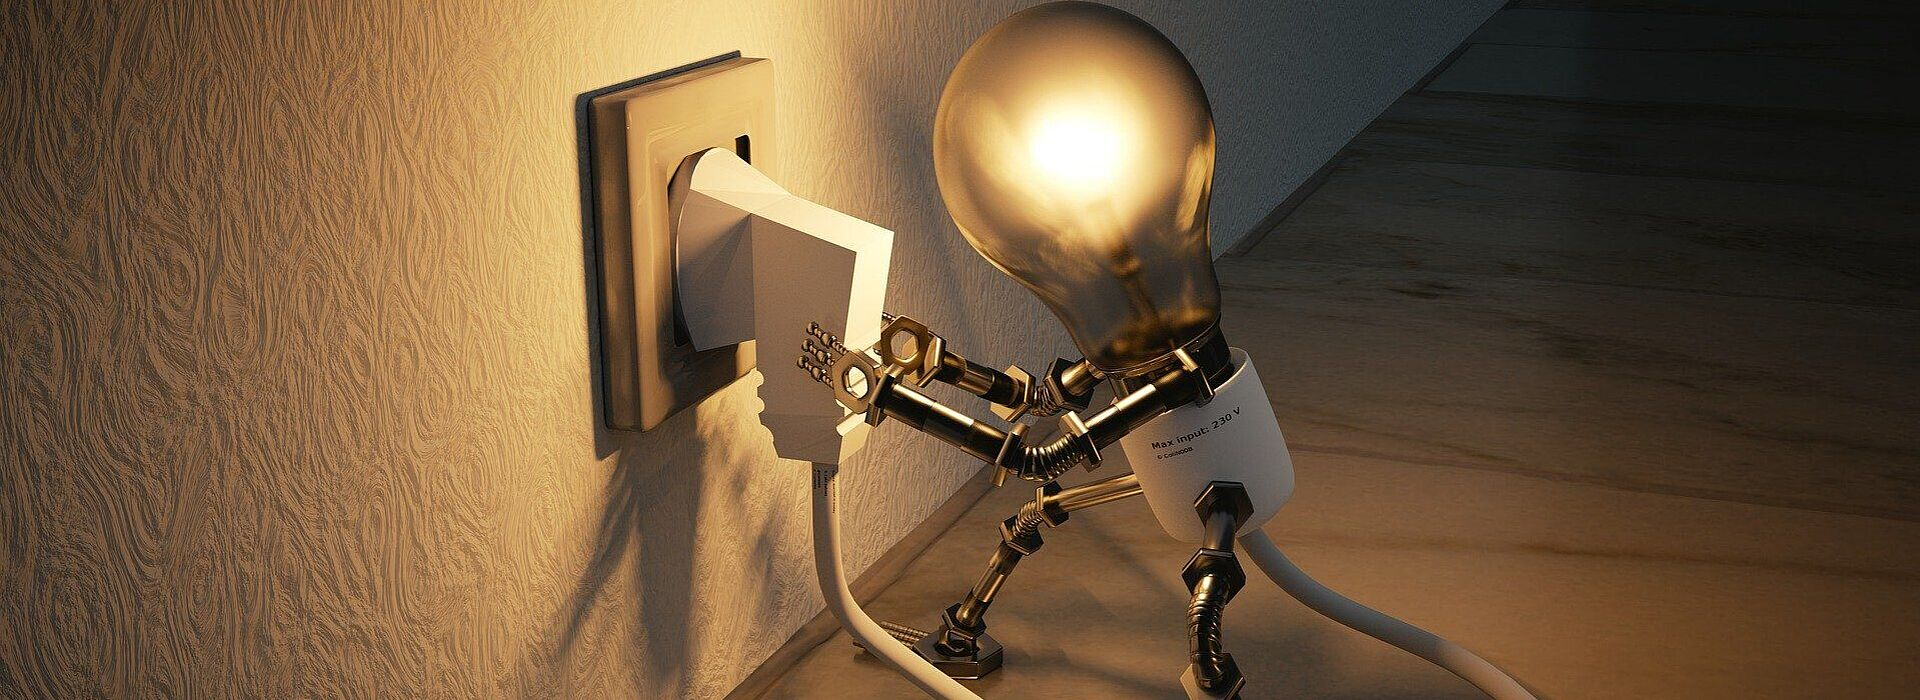 desenho 3d de uma lâmpada se conectando à tomada sozinha